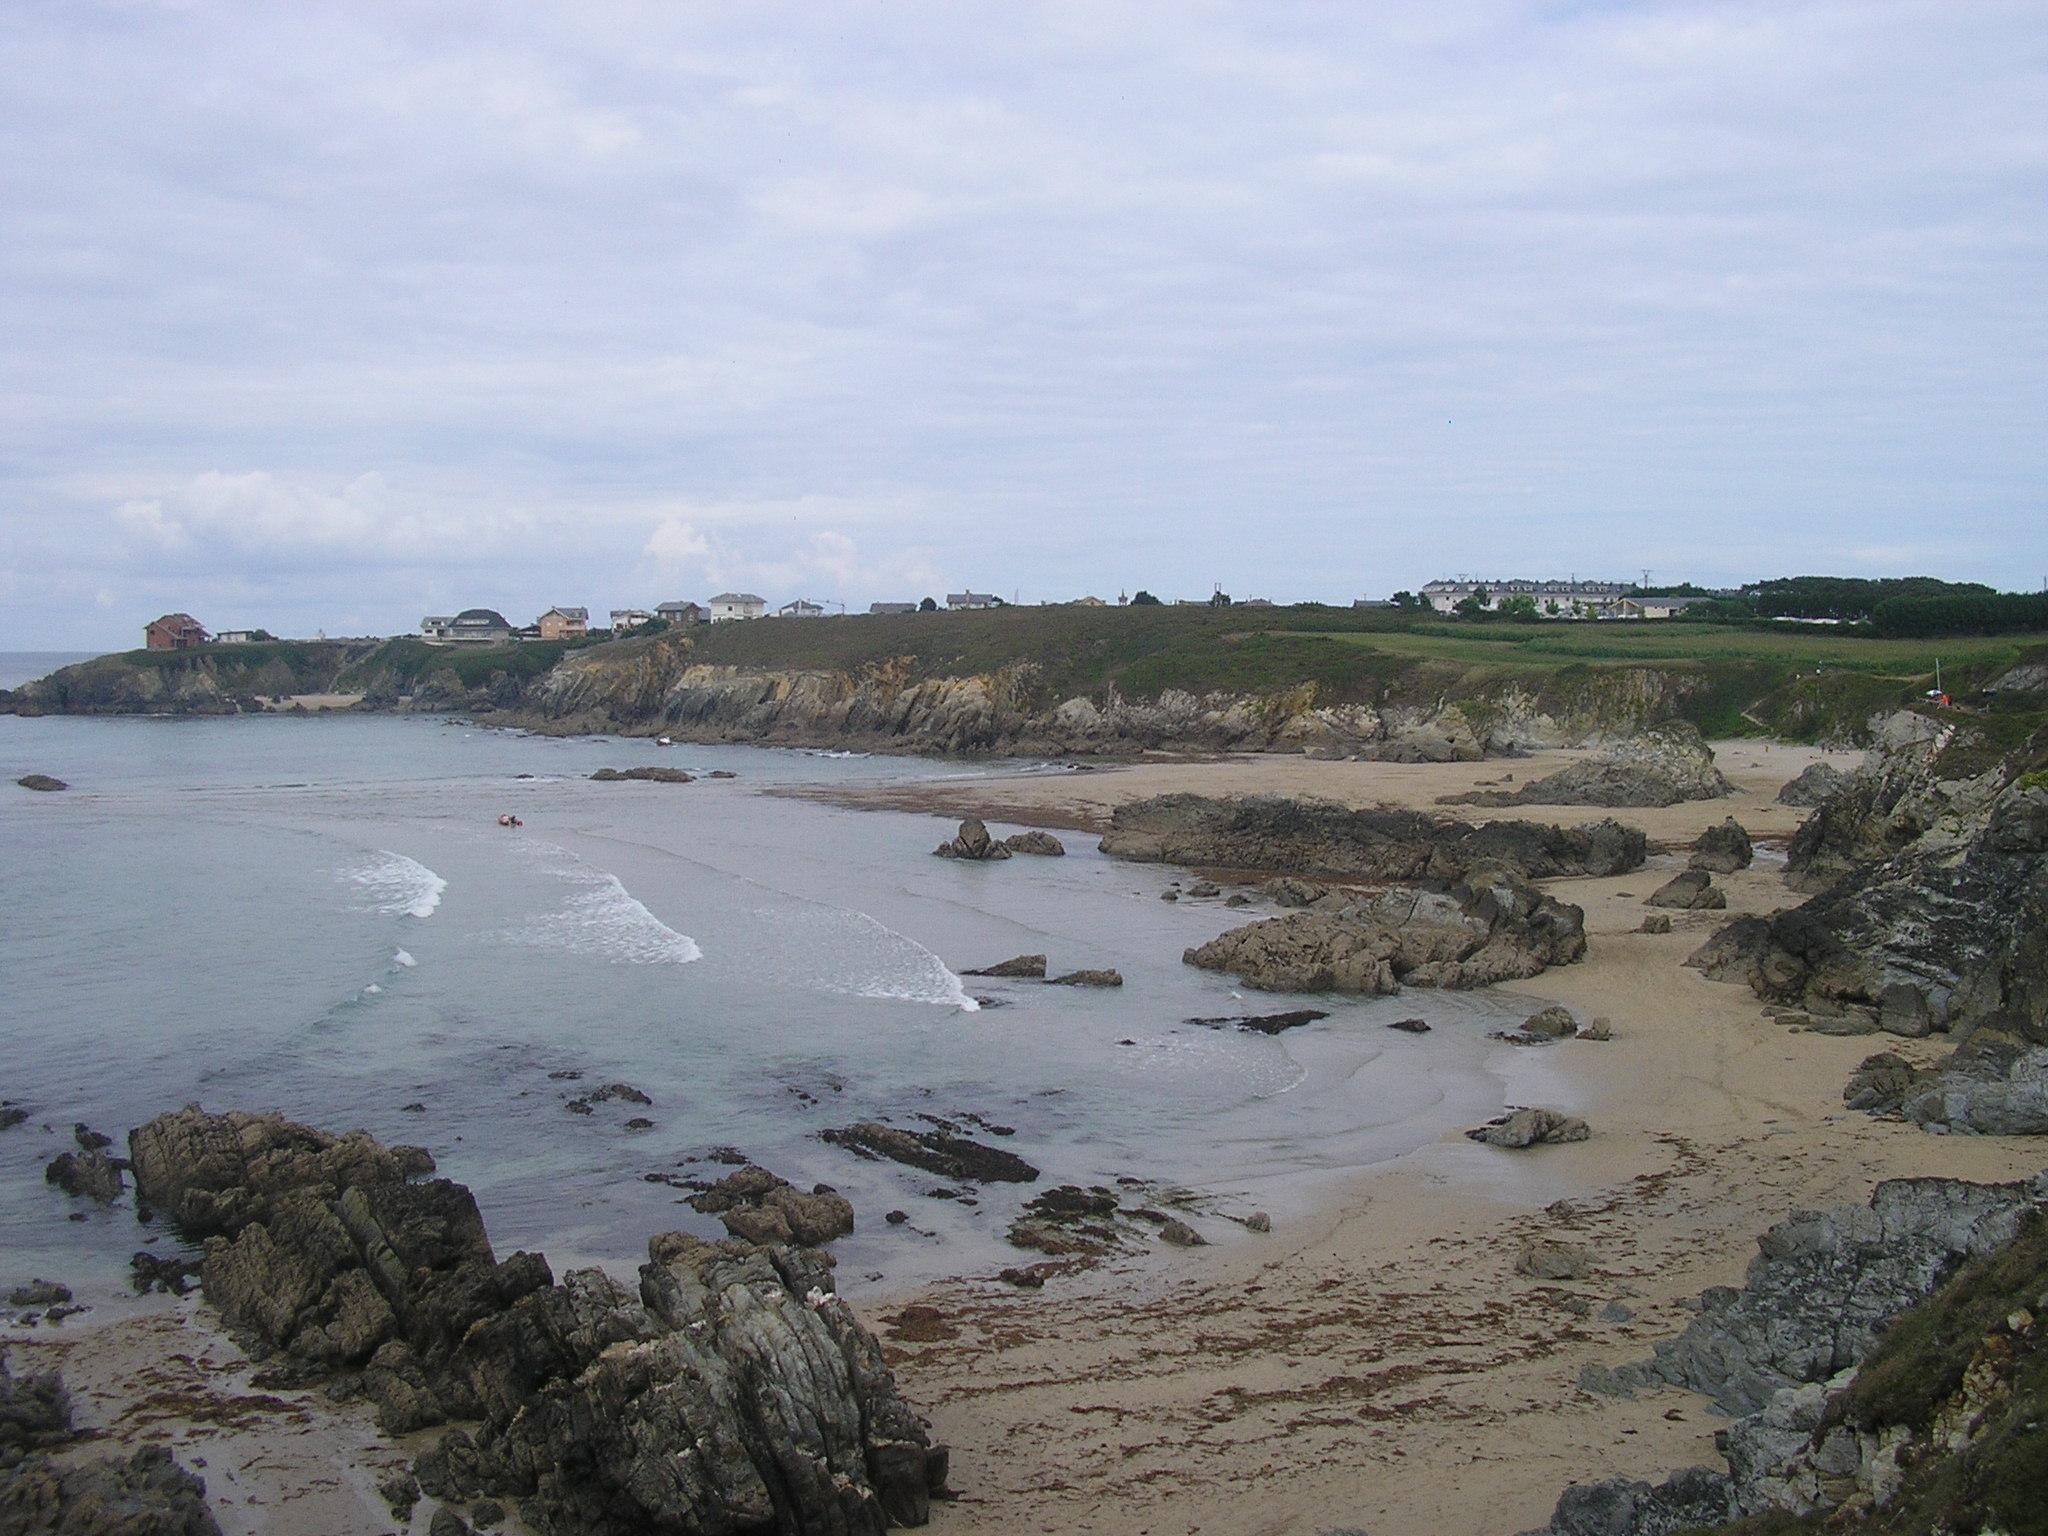 Playa El Figo / El Figu